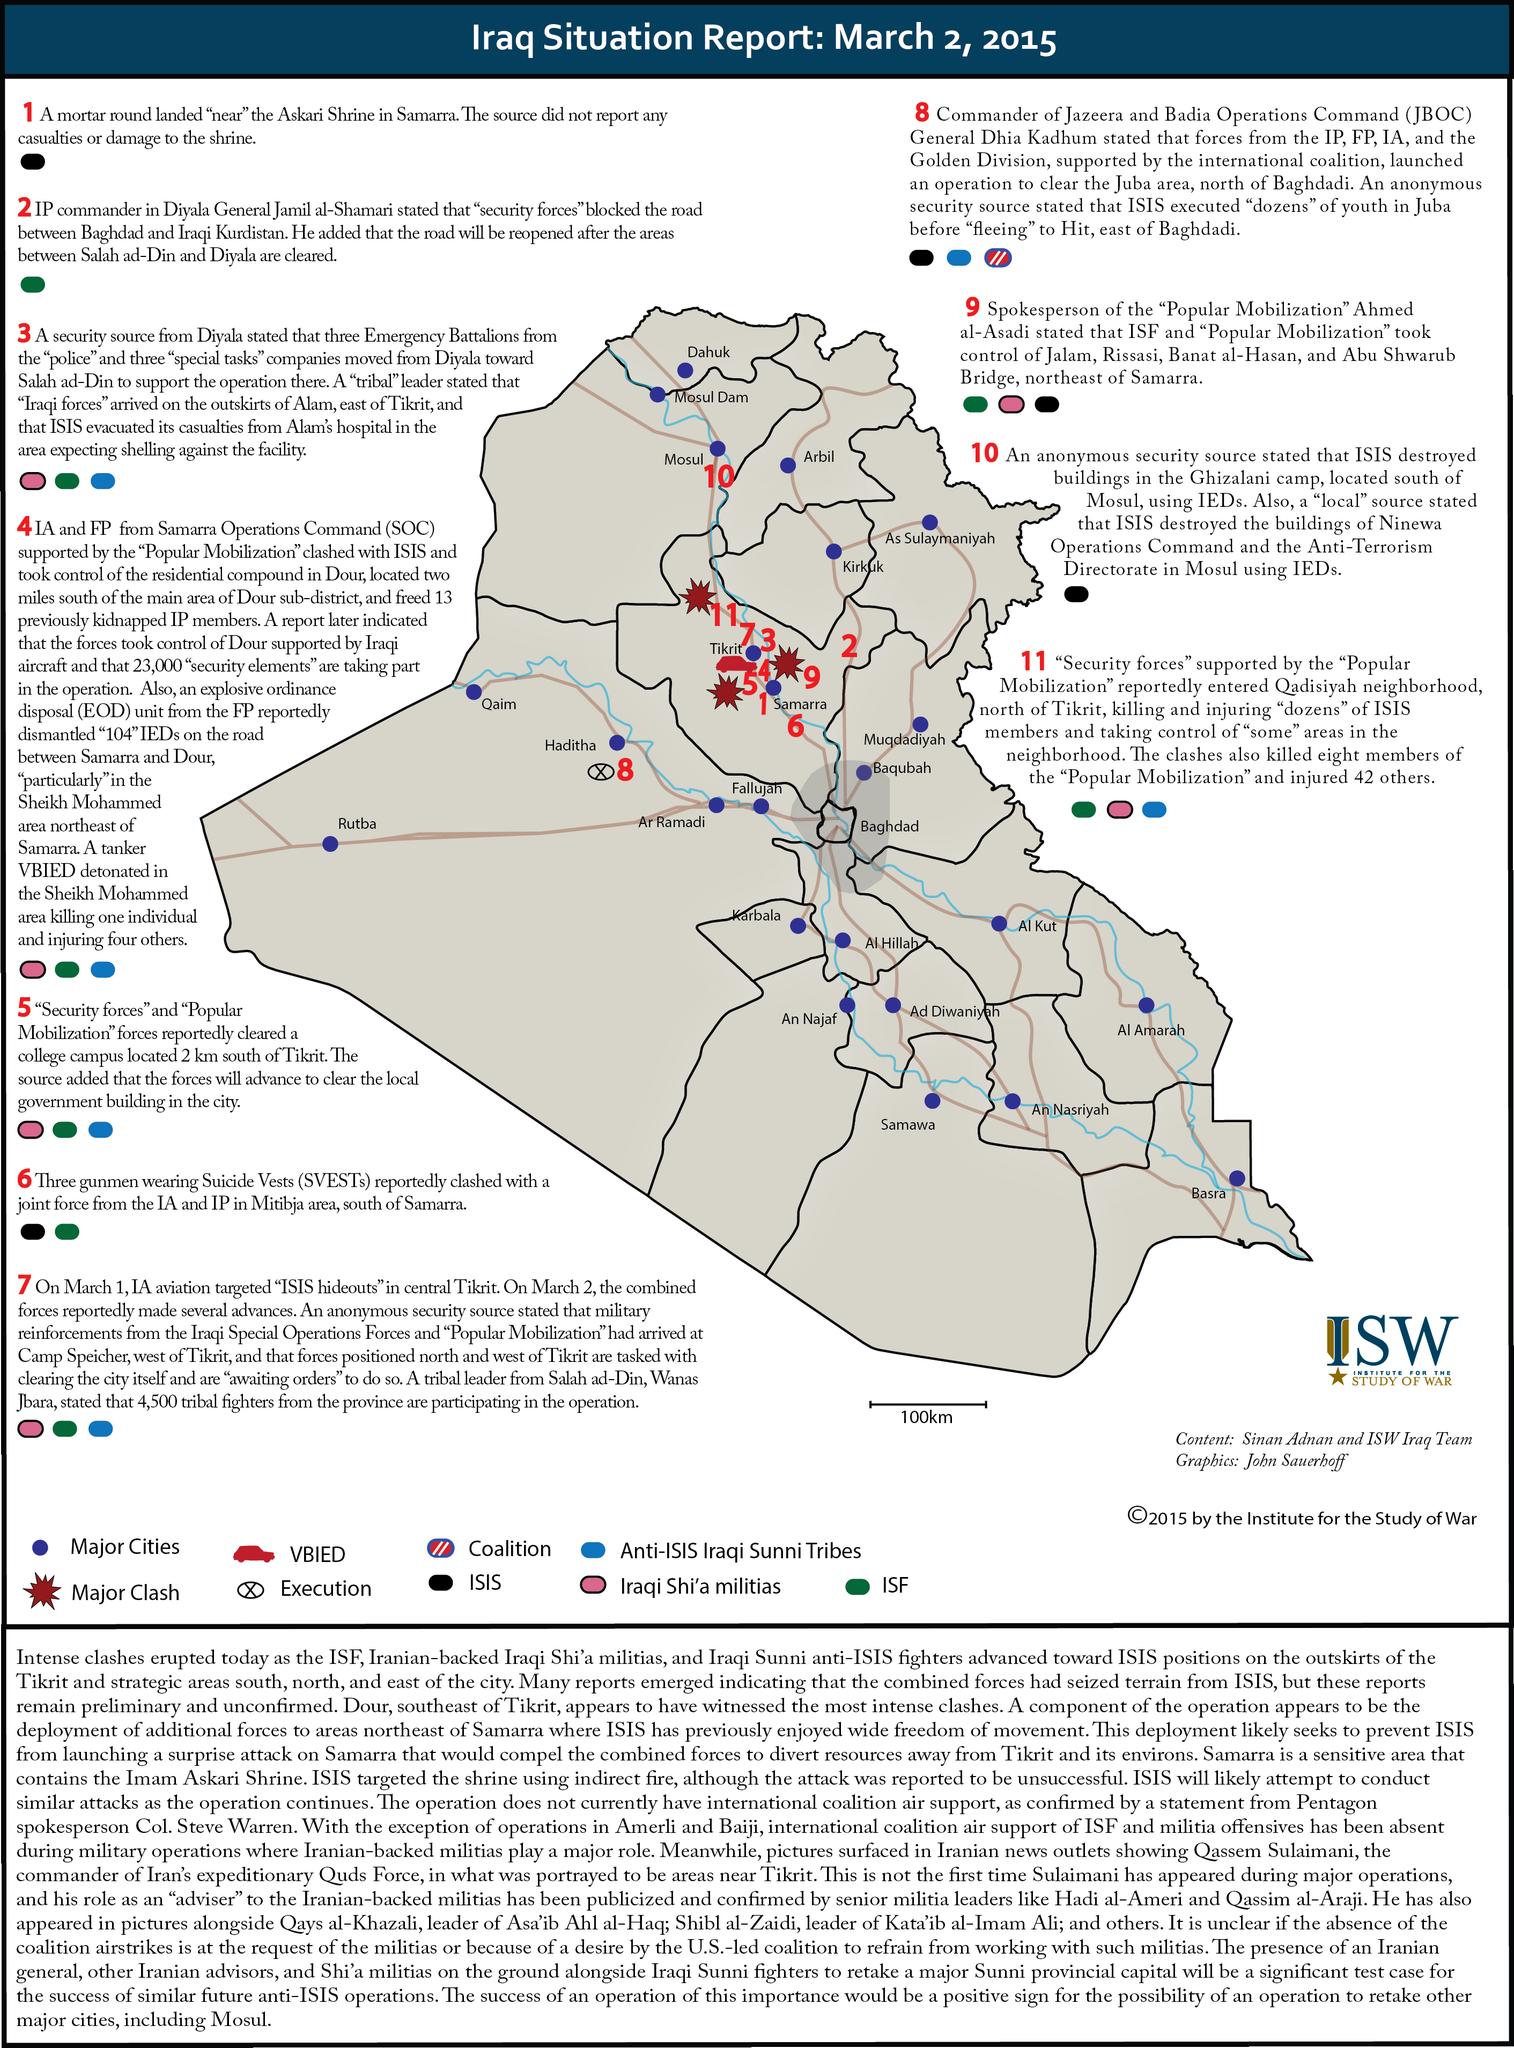 Début de révolte en Irak? - Page 7 B_IoCFsU8AAcQr1